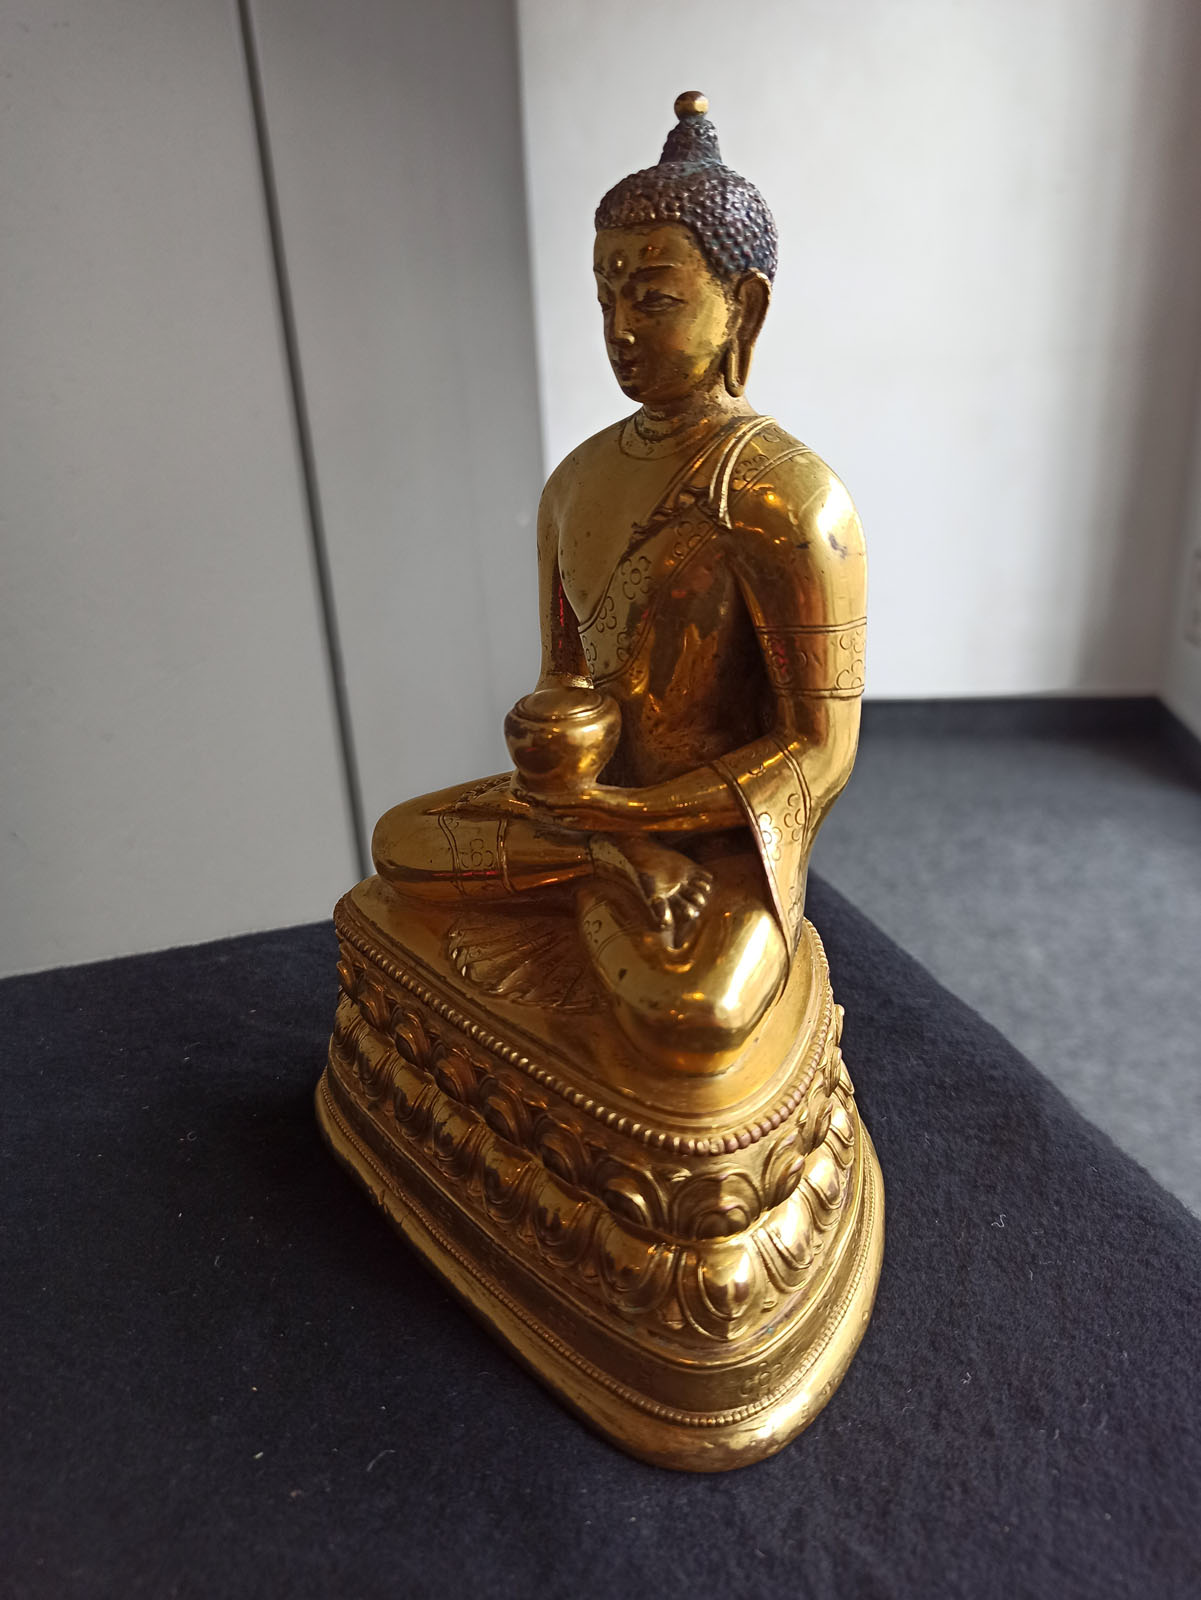 A FINE GILT-BRONZE FIGURE OF BUDDHA SHAKYAMUNI IN ZANABAZAR STYLE - Image 9 of 10